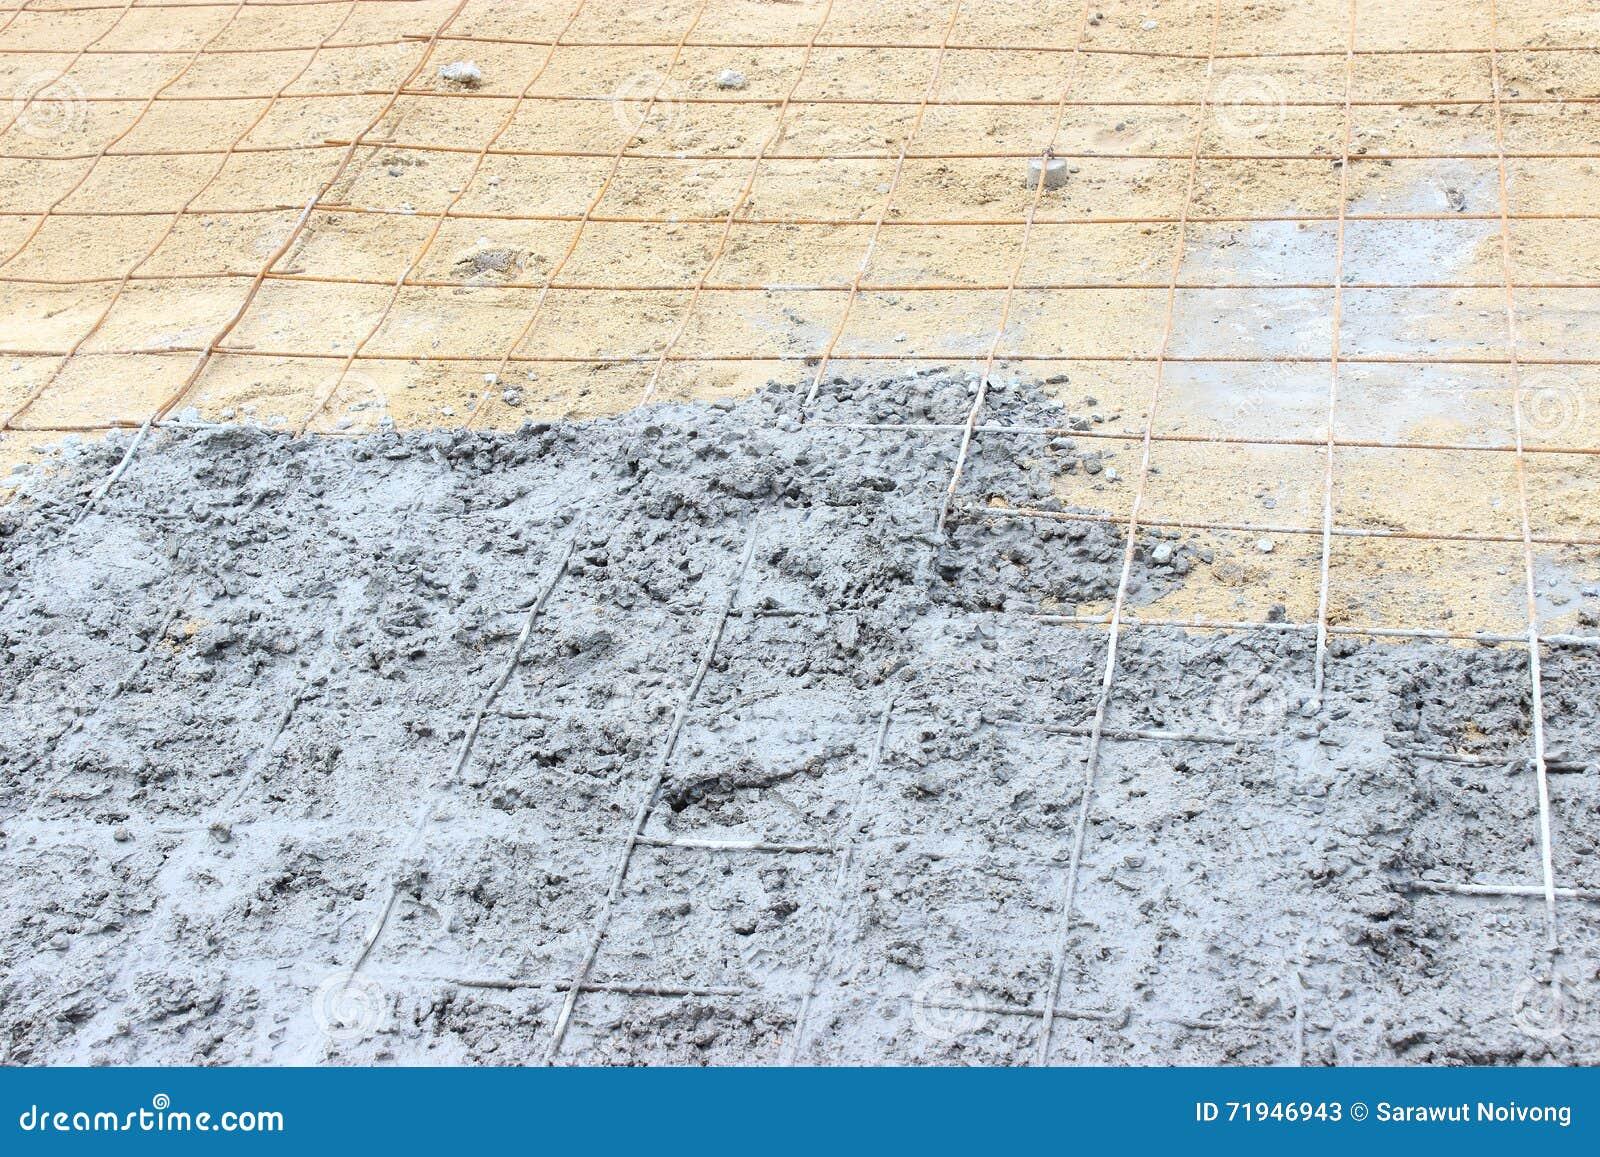 Справьтесь лить, цемент полейте на деформированных стальных прутах с проводами связи в строительной площадке